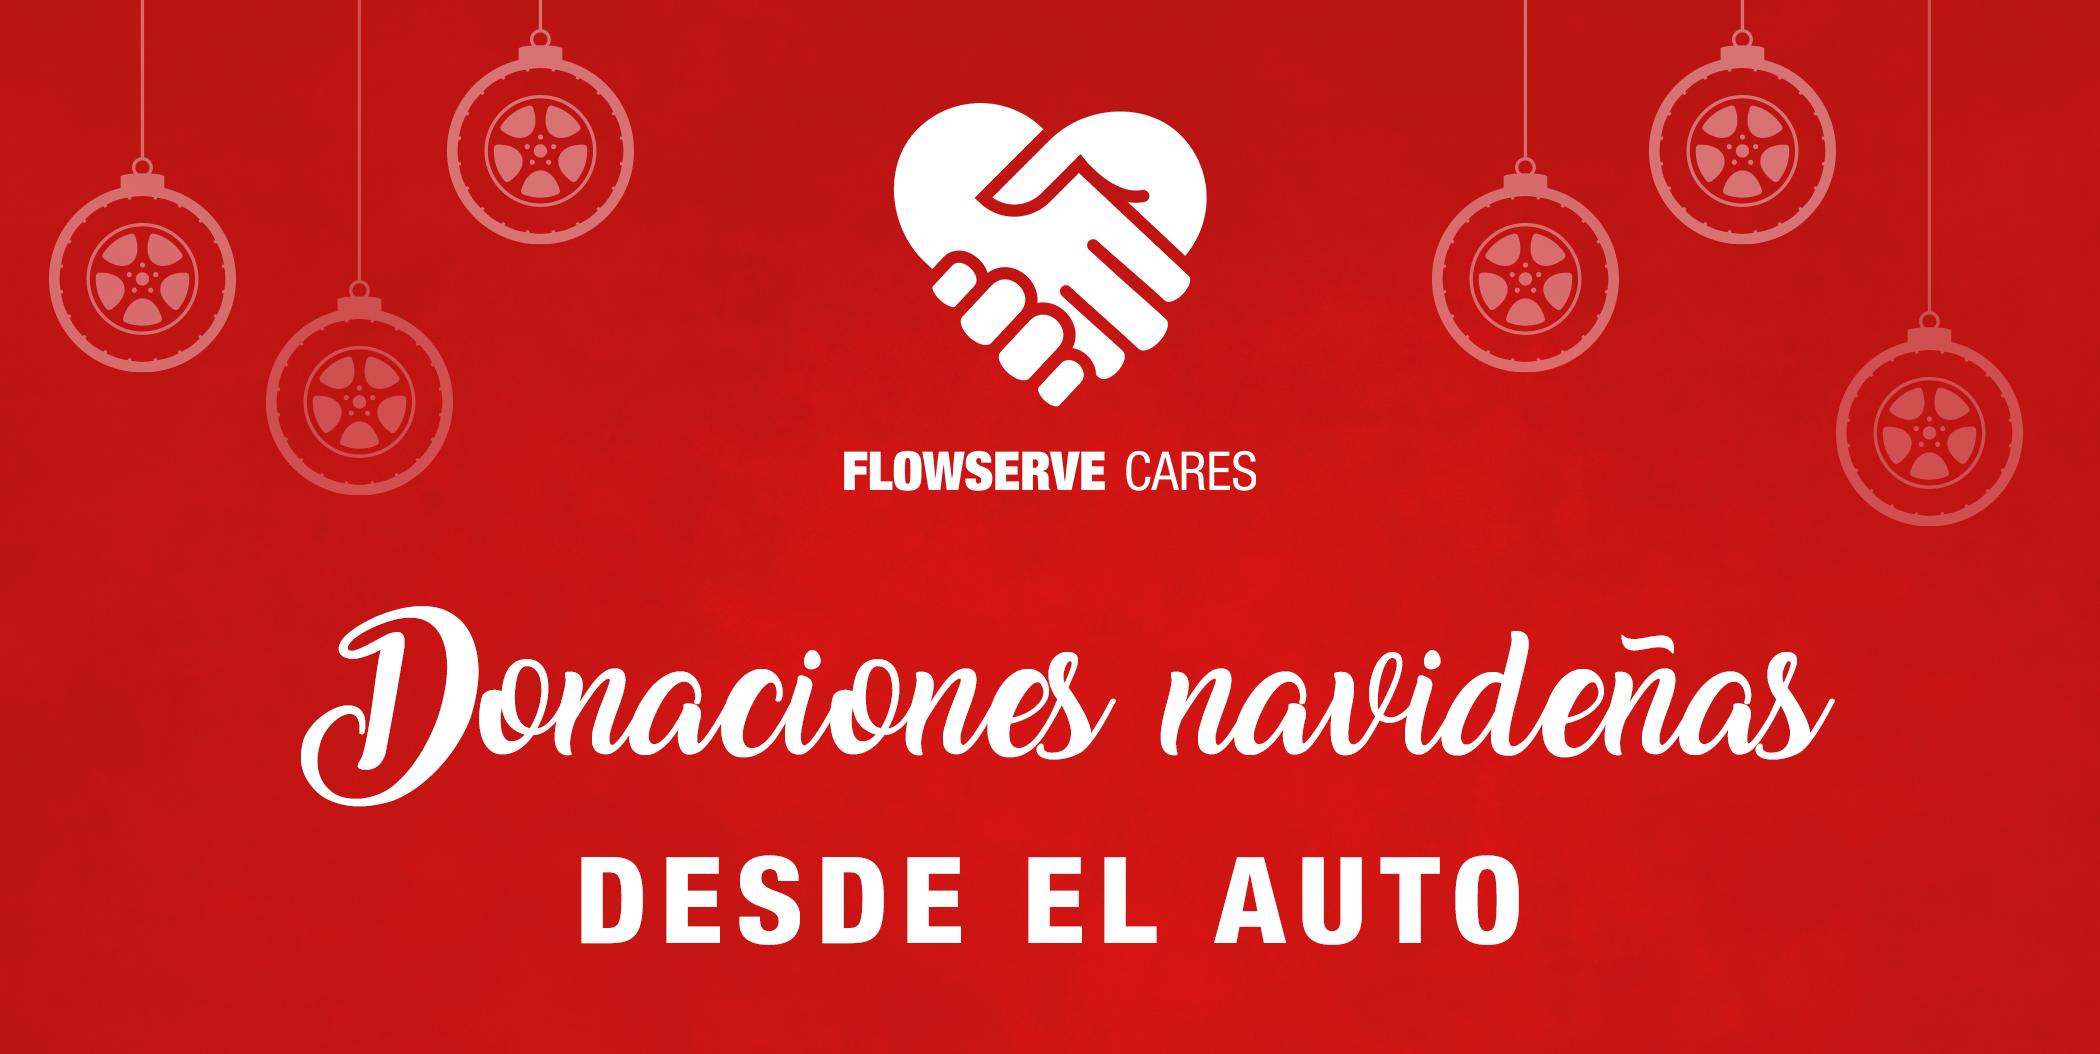 Campaña de donaciones navideñas desde el auto de Flowserve